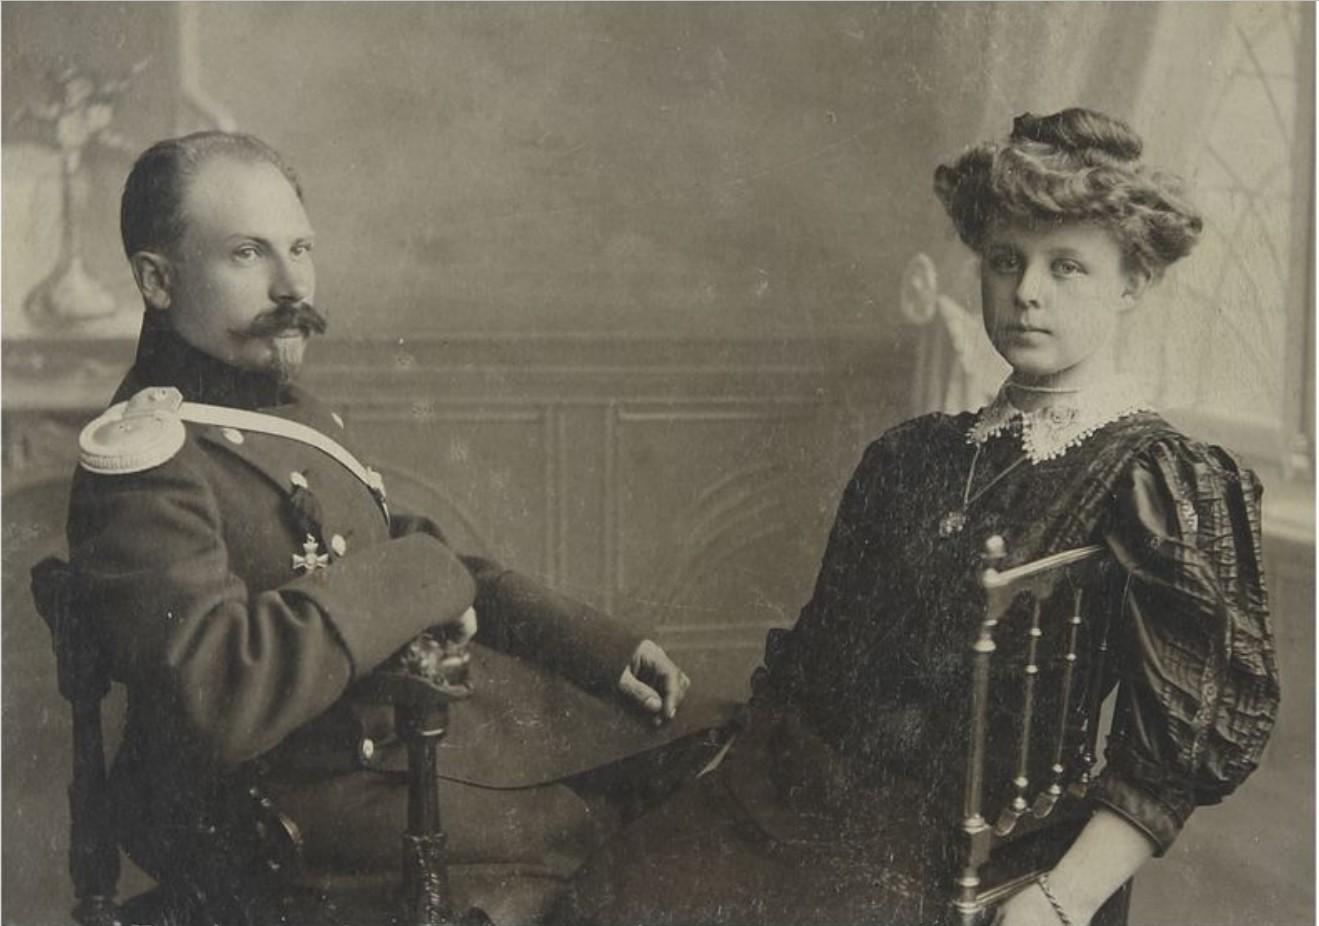 Фото прапорщика технических подразделений Российской Императорской армии, 1900-е